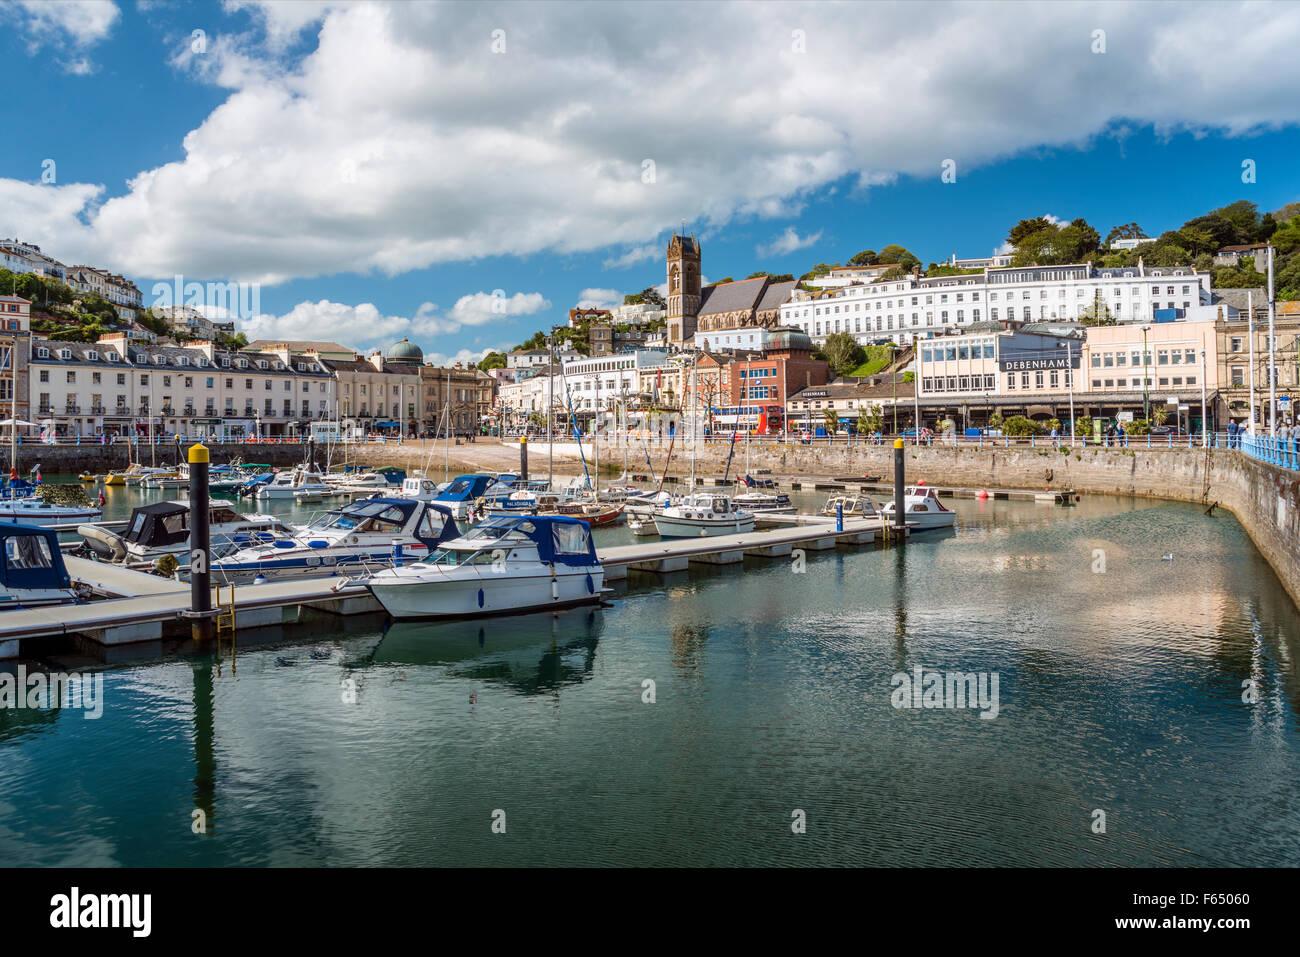 Sur le port et port de plaisance de Torquay, Torbay, England, UK   Aussicht über den Hafen und Marina von Torquay Photo Stock